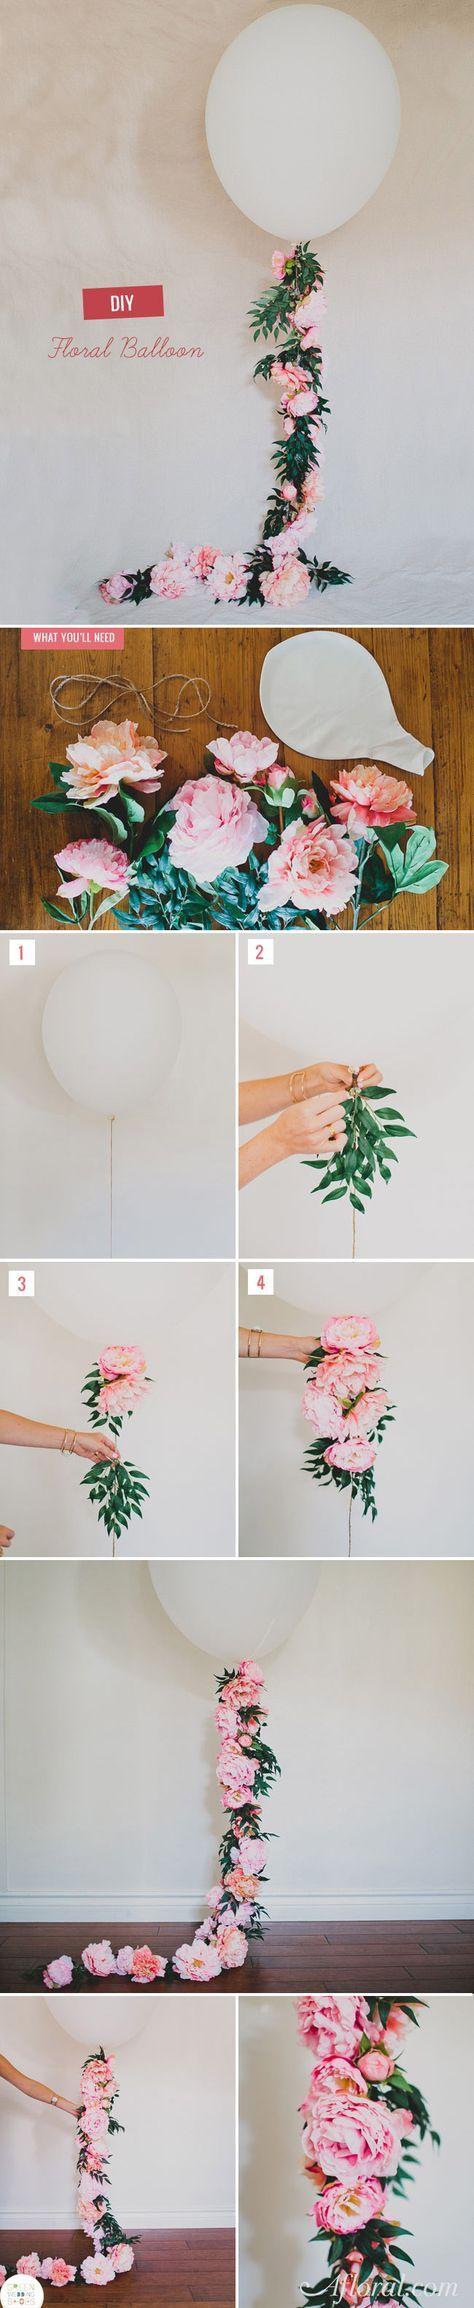 M 225 s de 1000 ideas sobre decoraciones de fiesta de safari en pinterest - Diy Floral Balloon Fiestas De